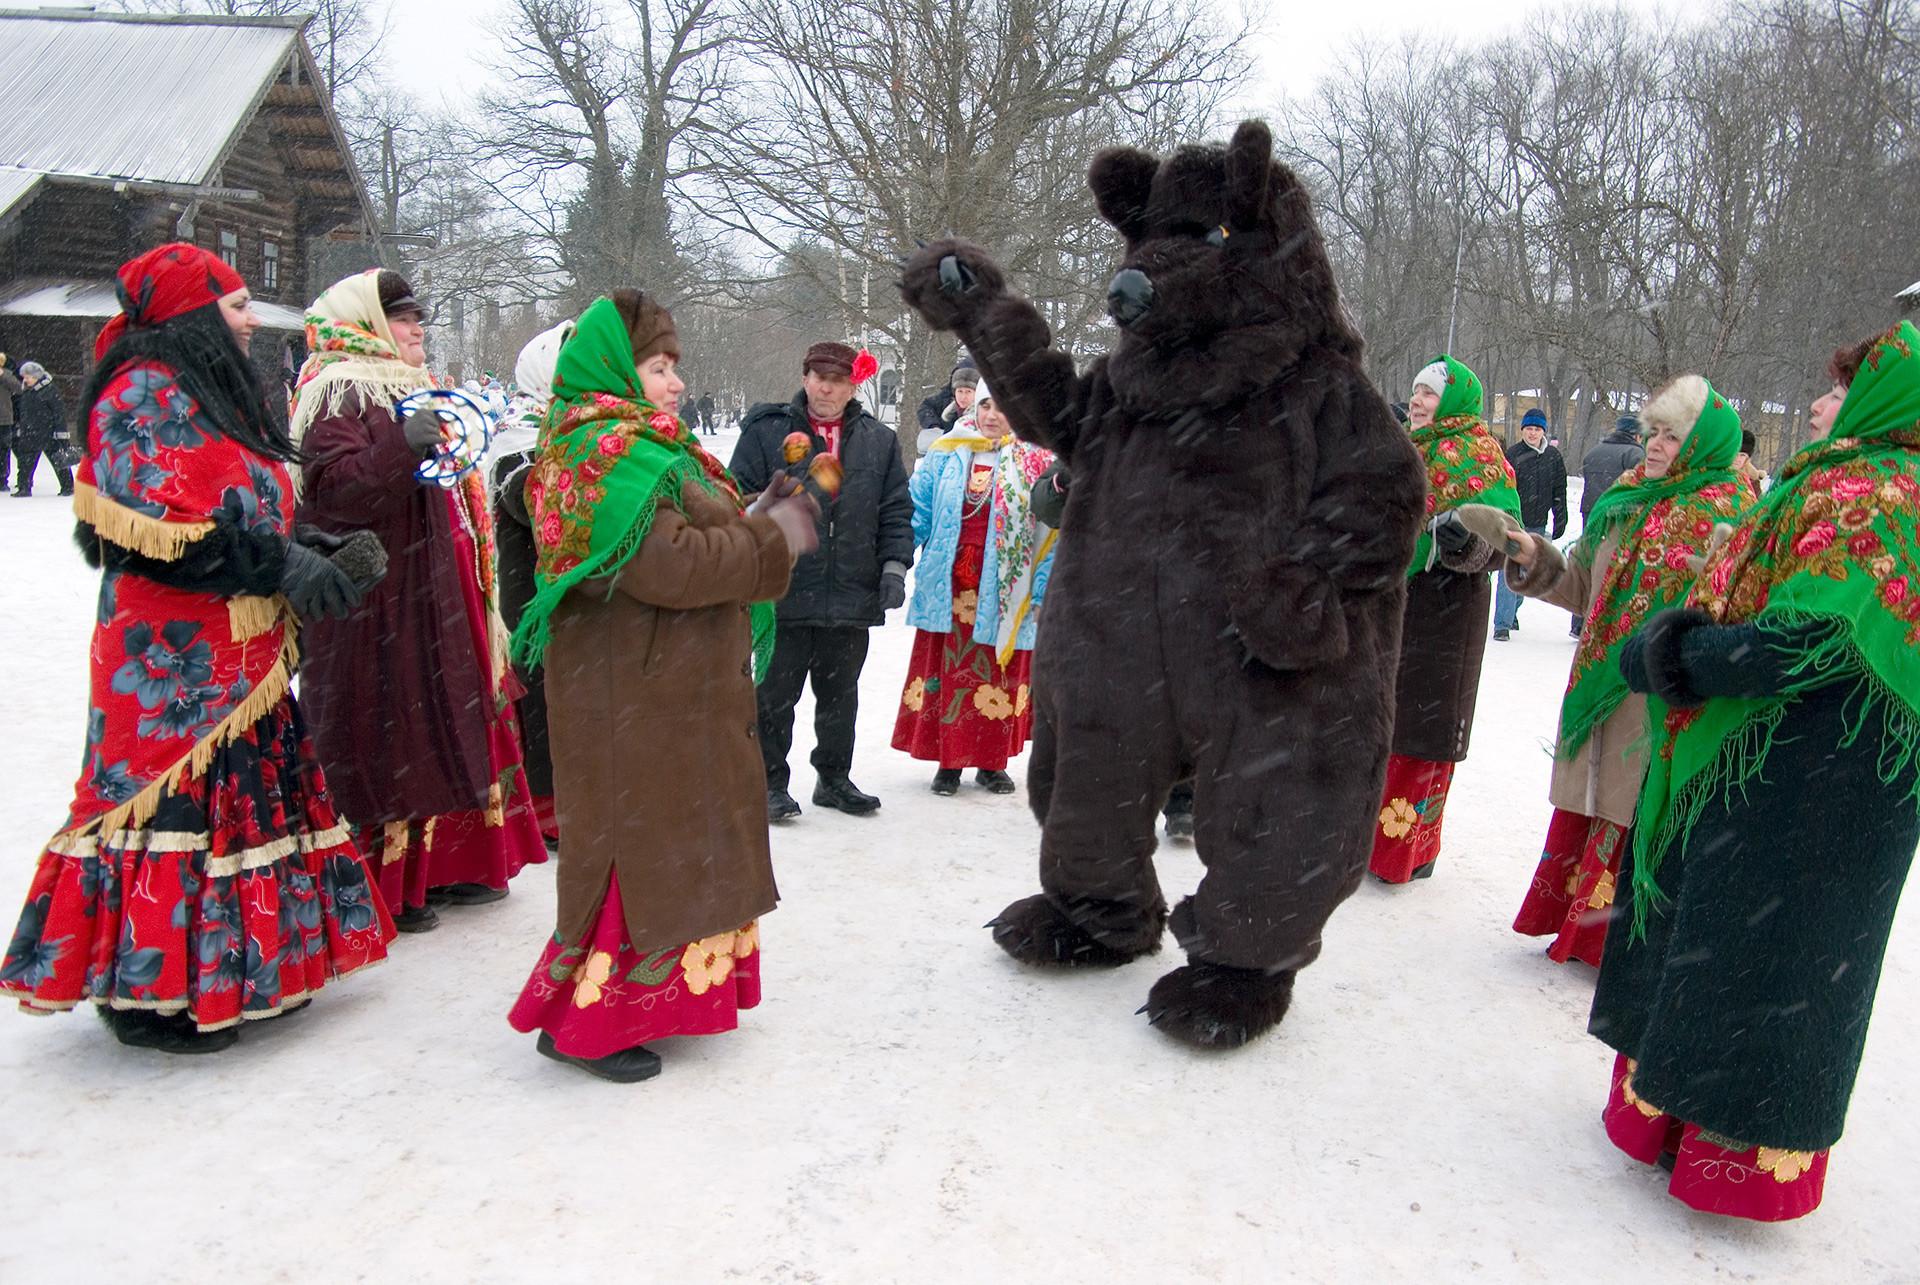 Festival posvećen Božiću u Velikom Novgorodu obično se održava u blizinu Muzeja drvene arhitekture Vitoslavlici u Novgorodu.